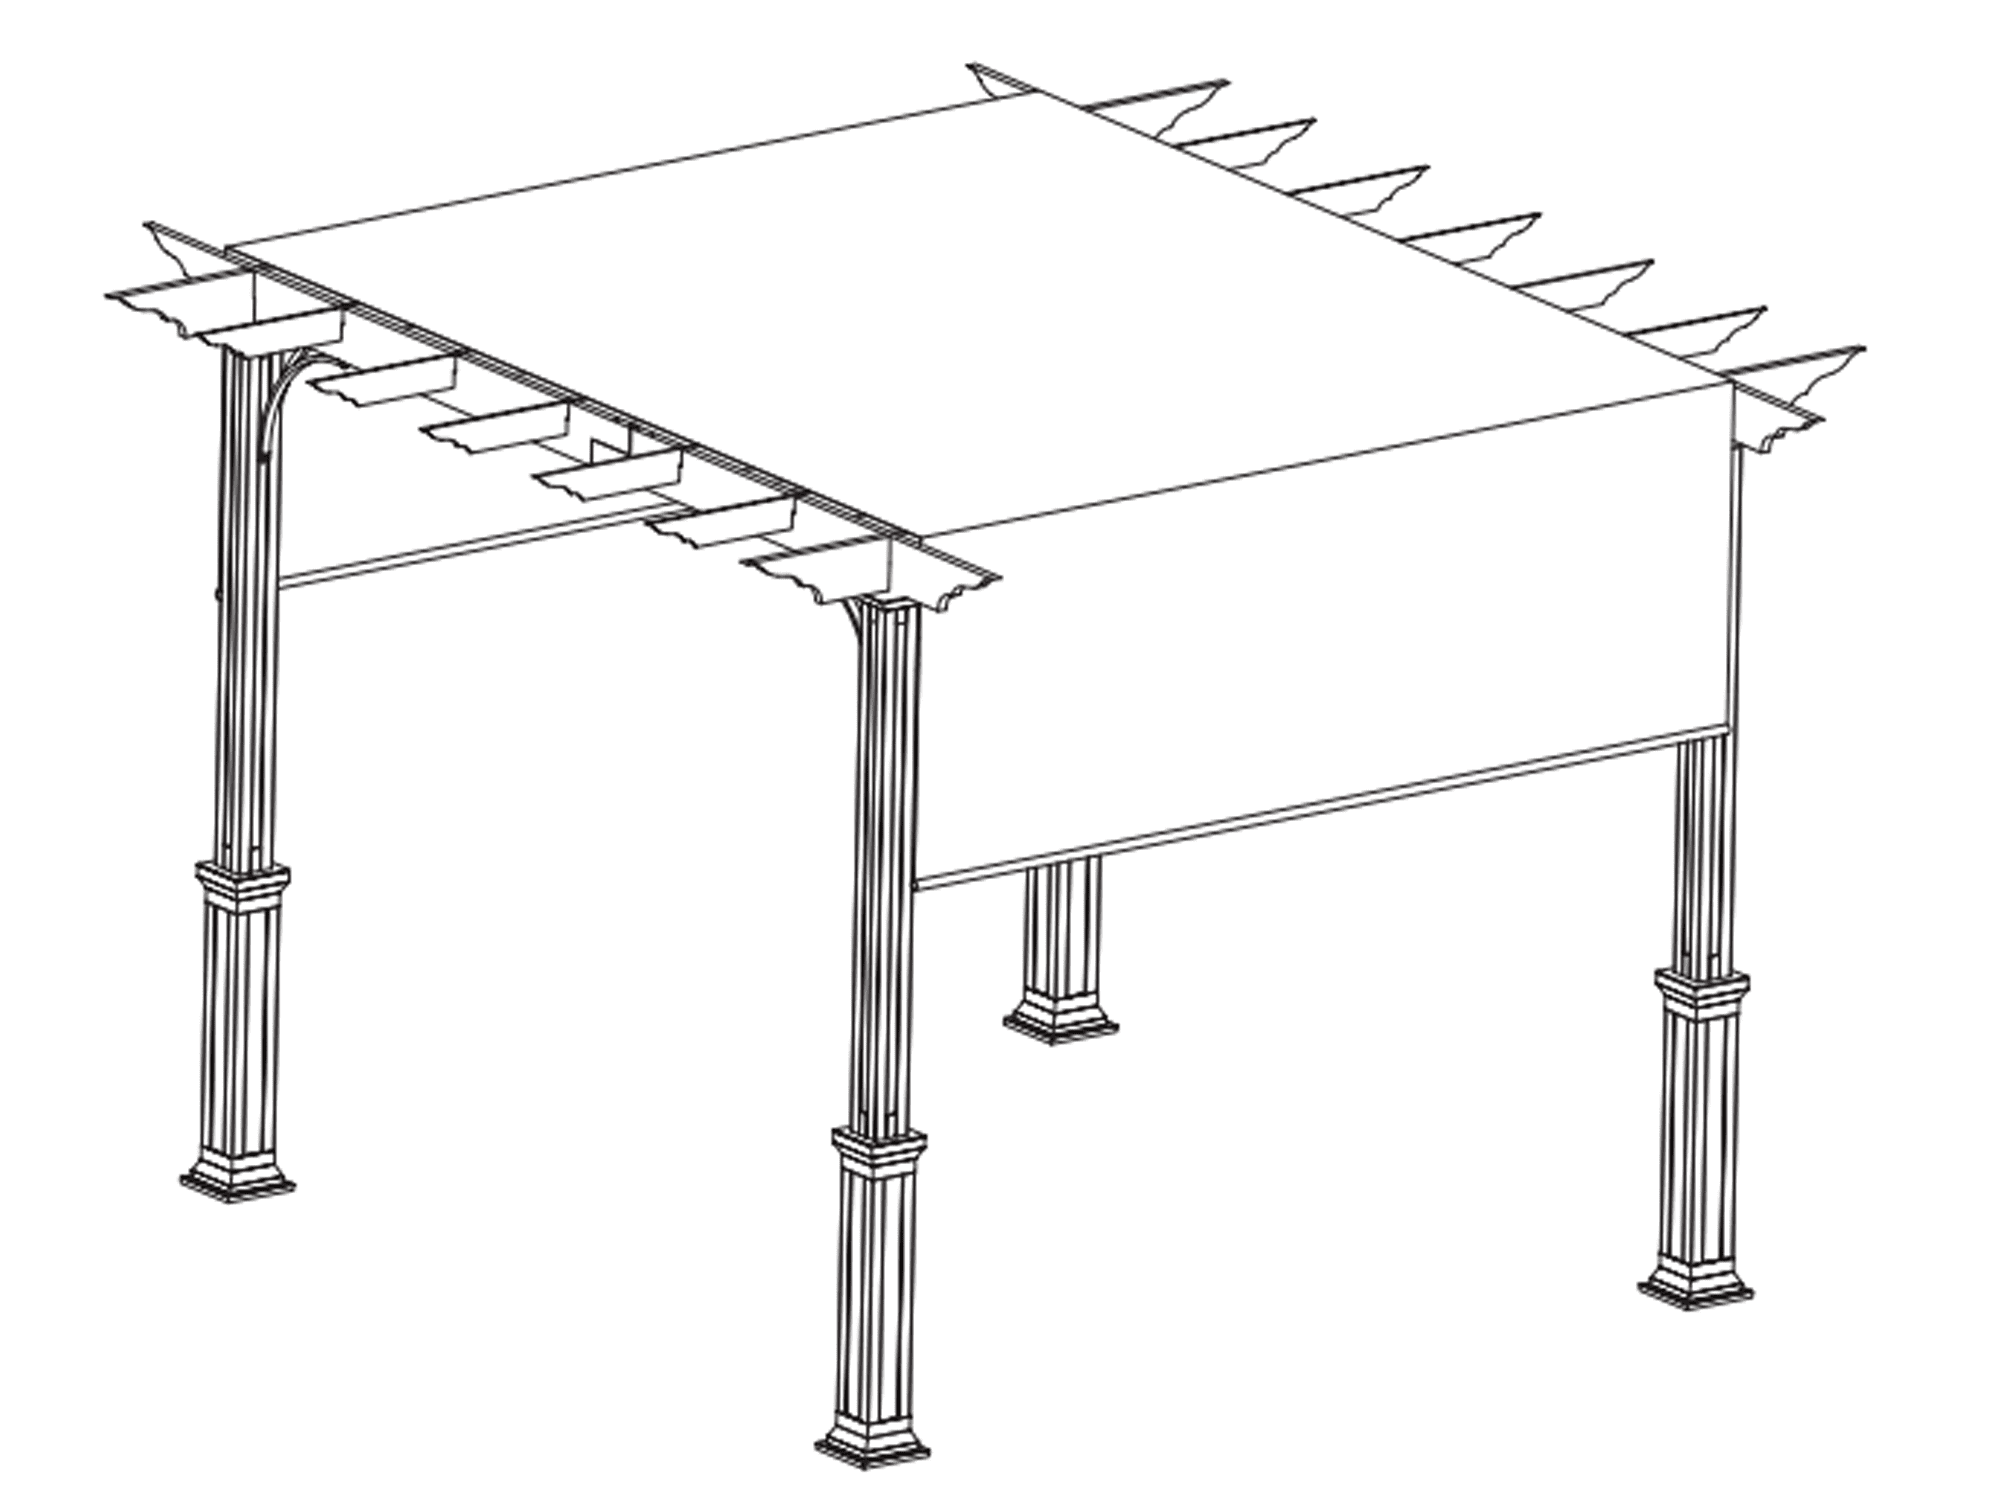 Una ilustración de una pérgola con dosel